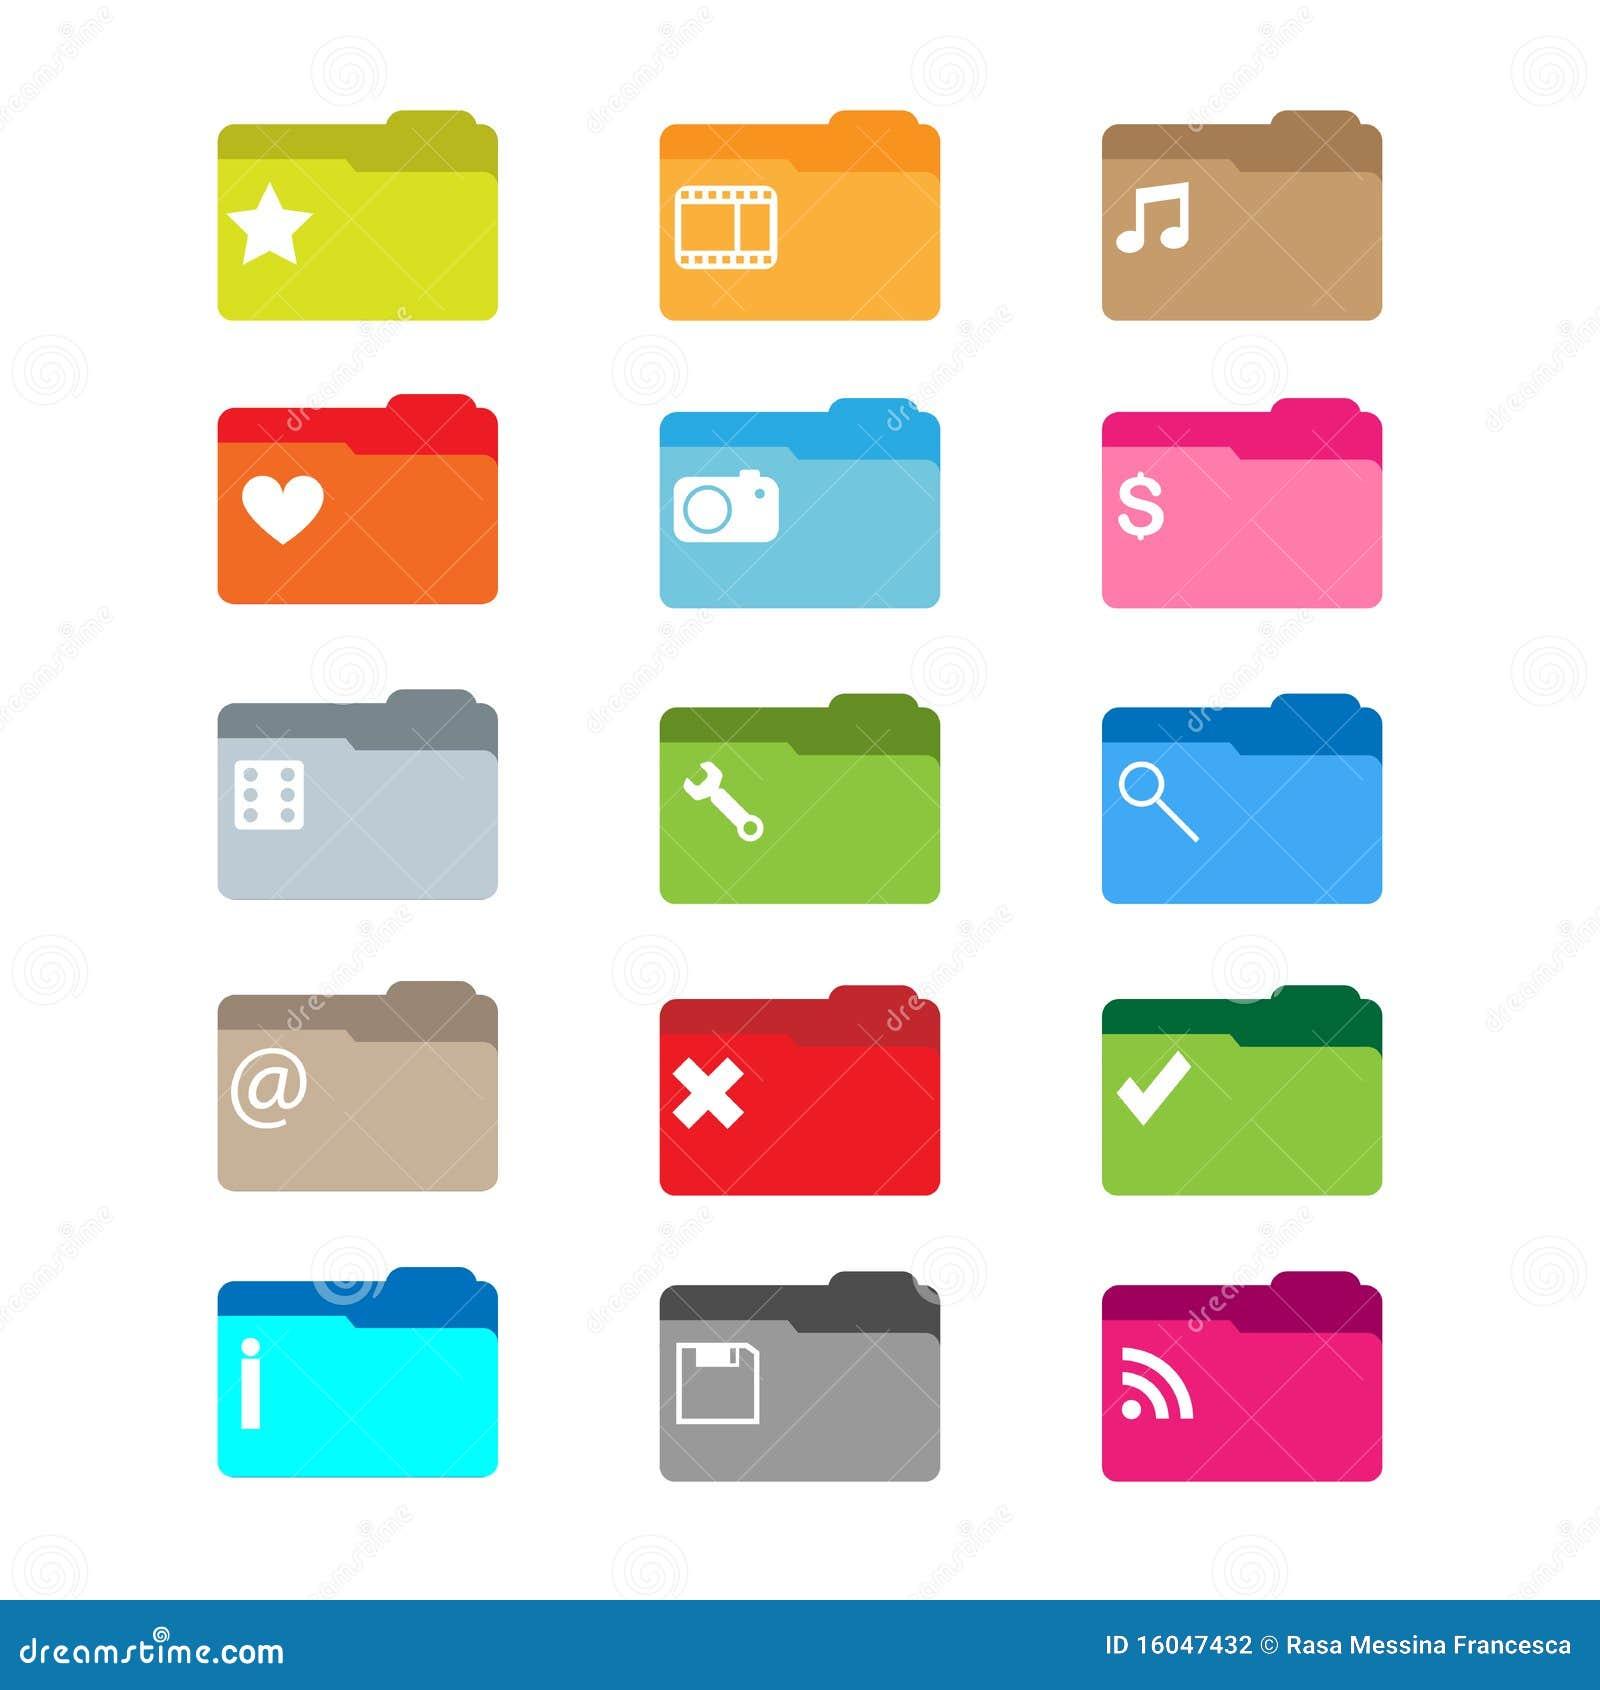 Folder Icons Stock Photography - Image: 16047432